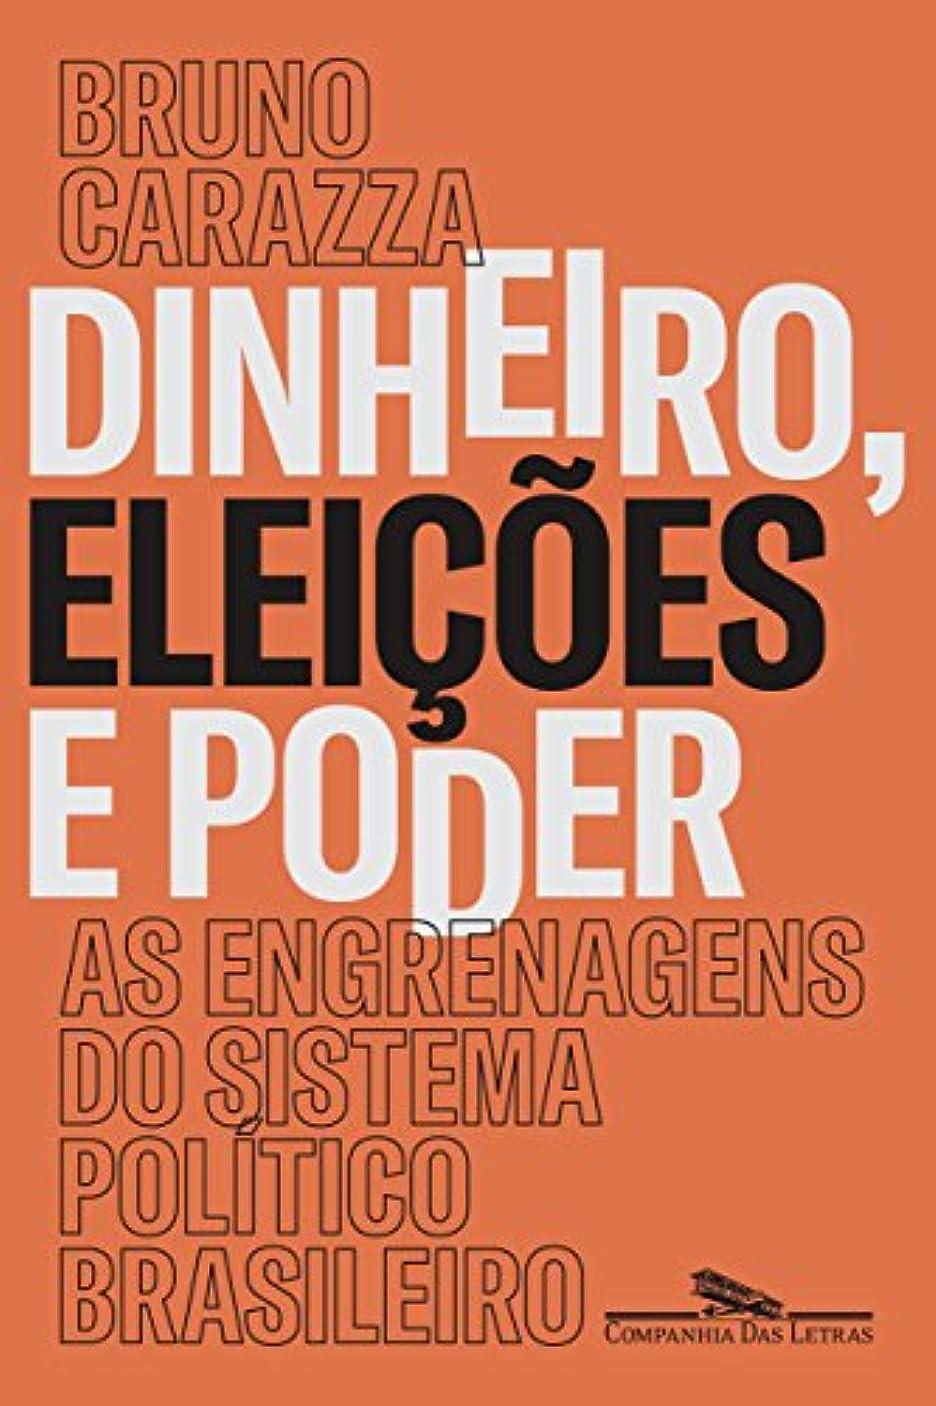 勤勉すべき気難しいDinheiro, Eleições e Poder. As Engrenagens do Sistema Político Brasileiro